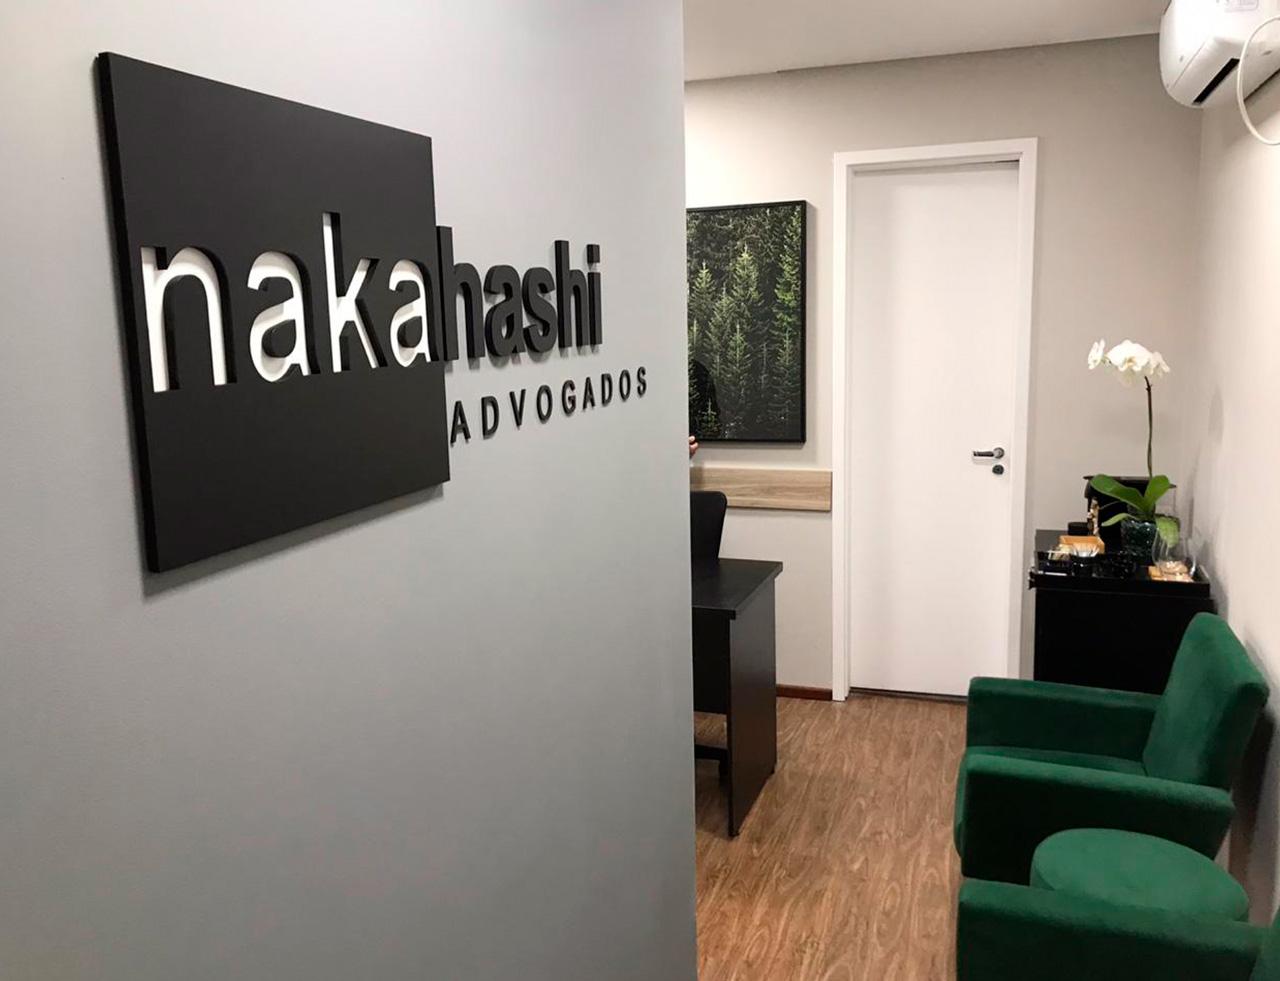 escritorio-nakahashi-advogados-2